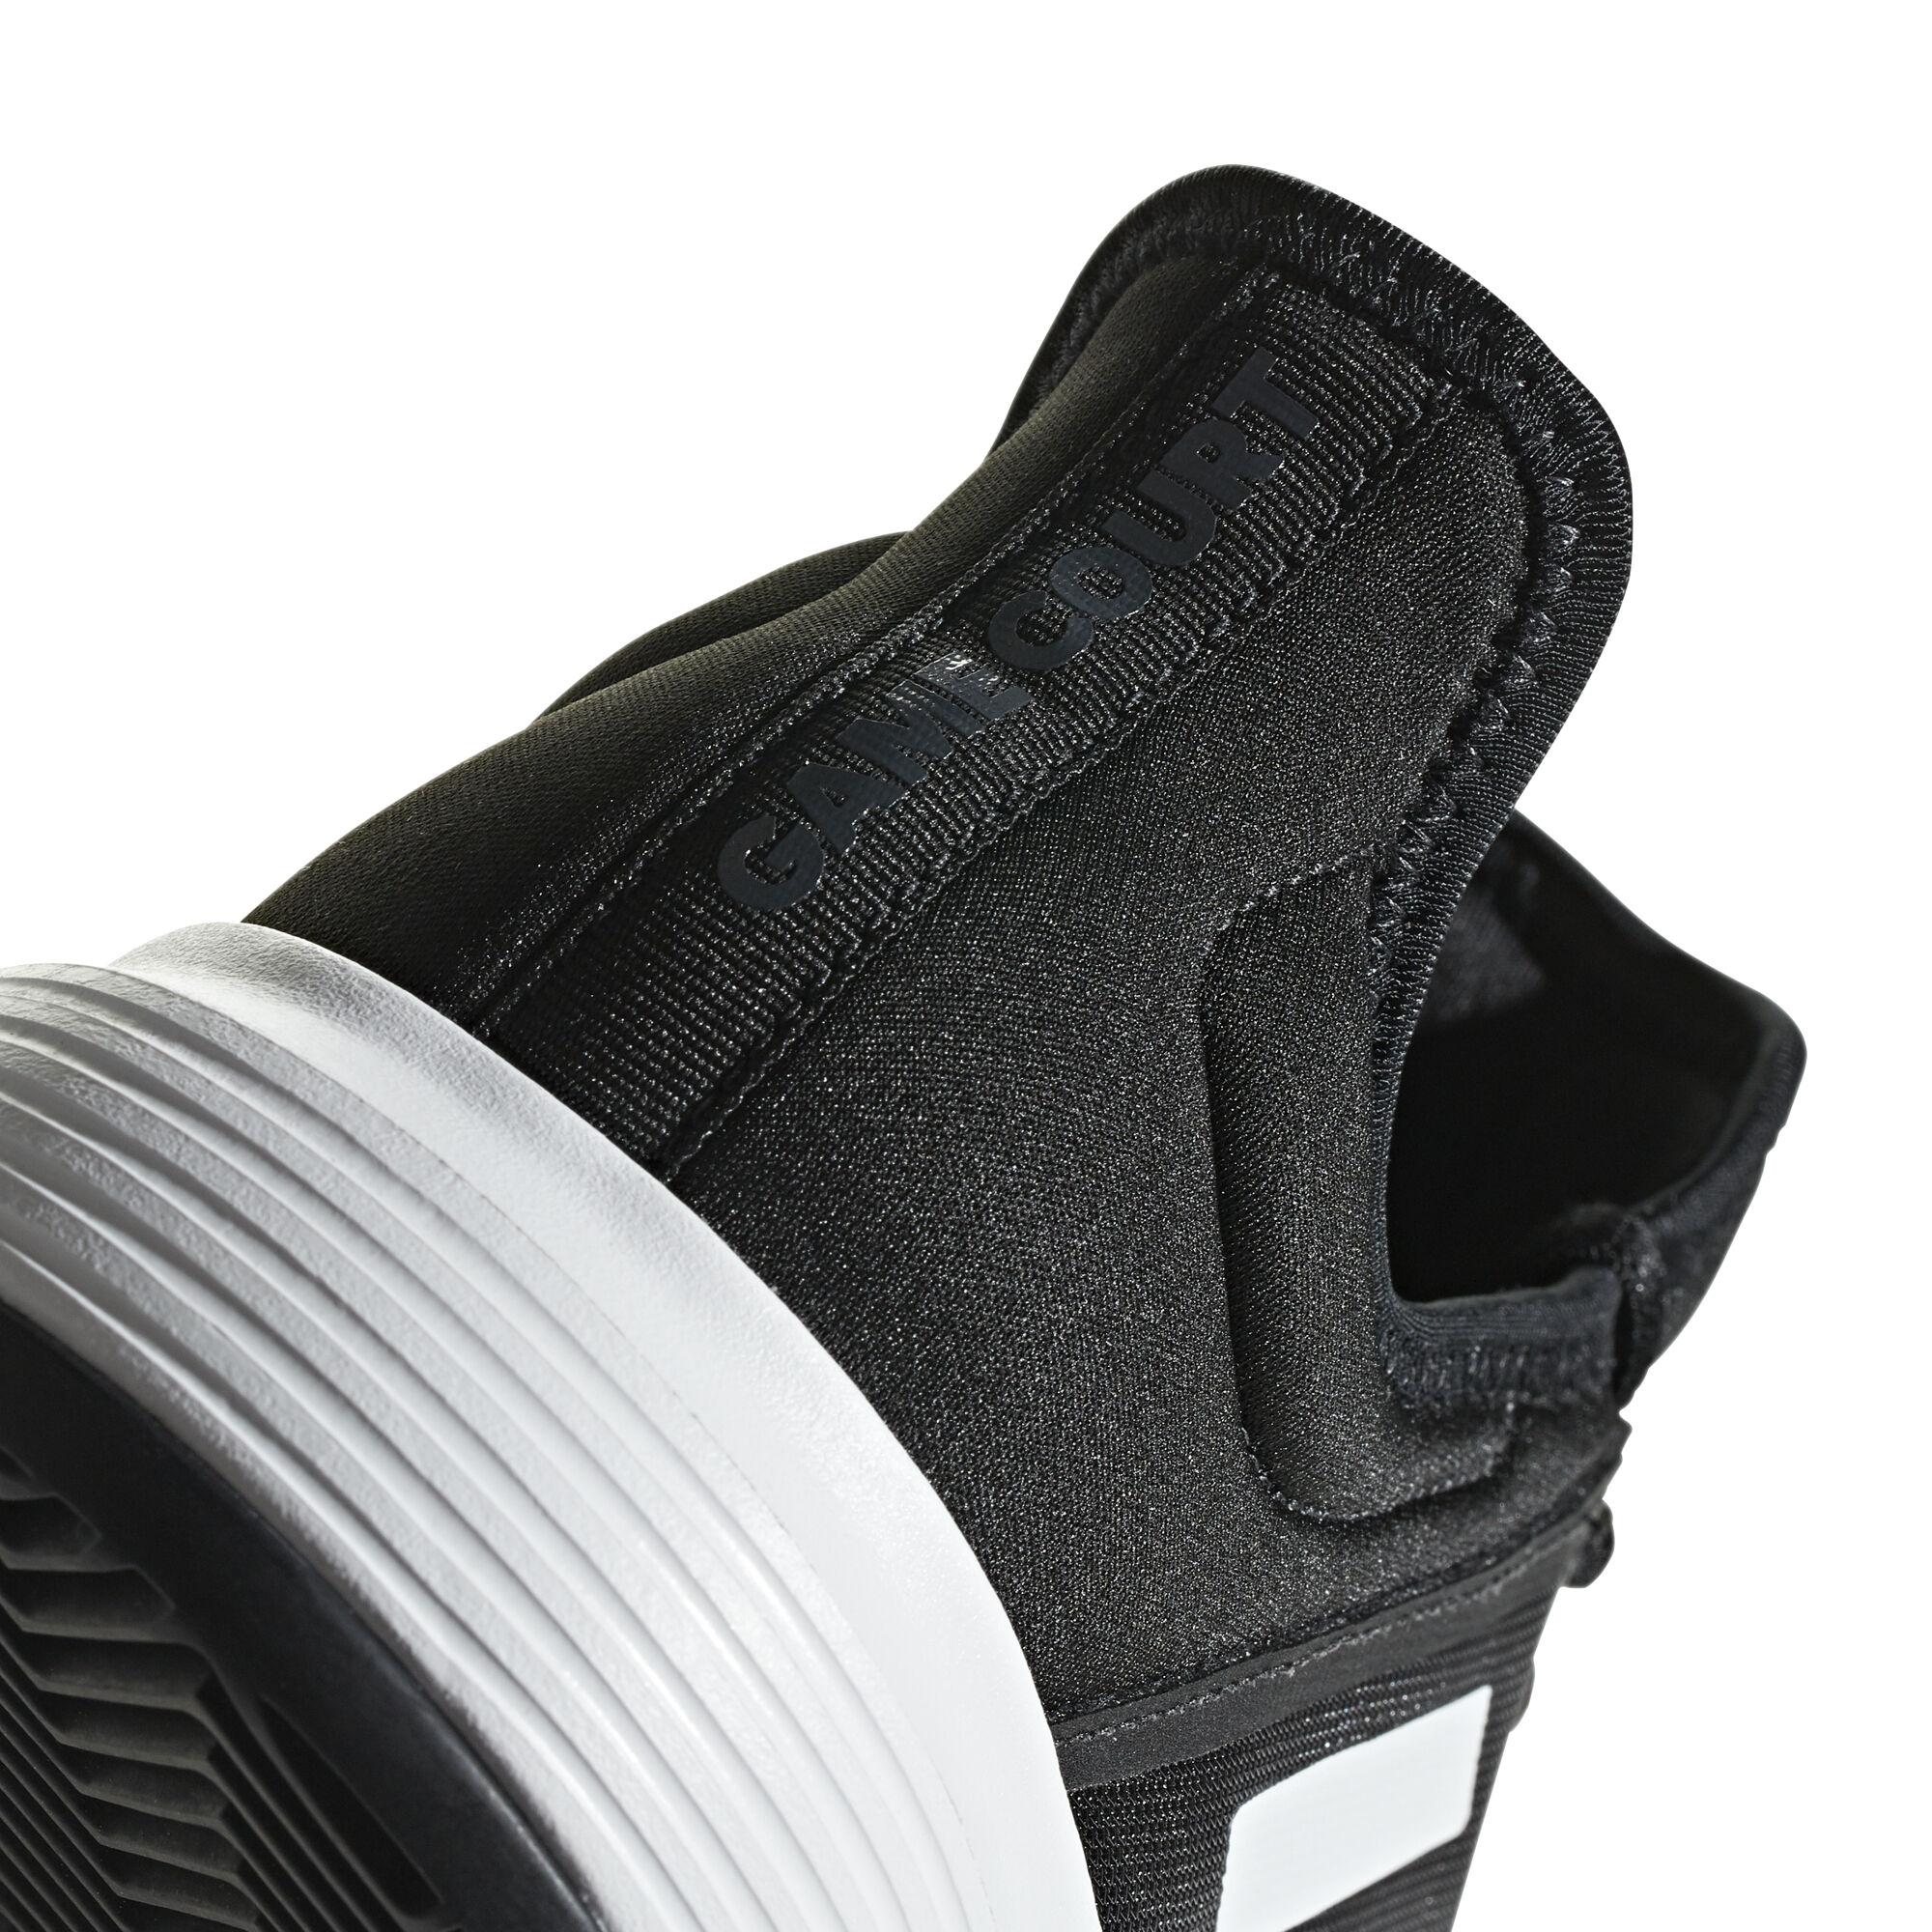 544ce7c1 adidas Game Court Zapatilla Todas Las Superficies Hombres - Negro ...